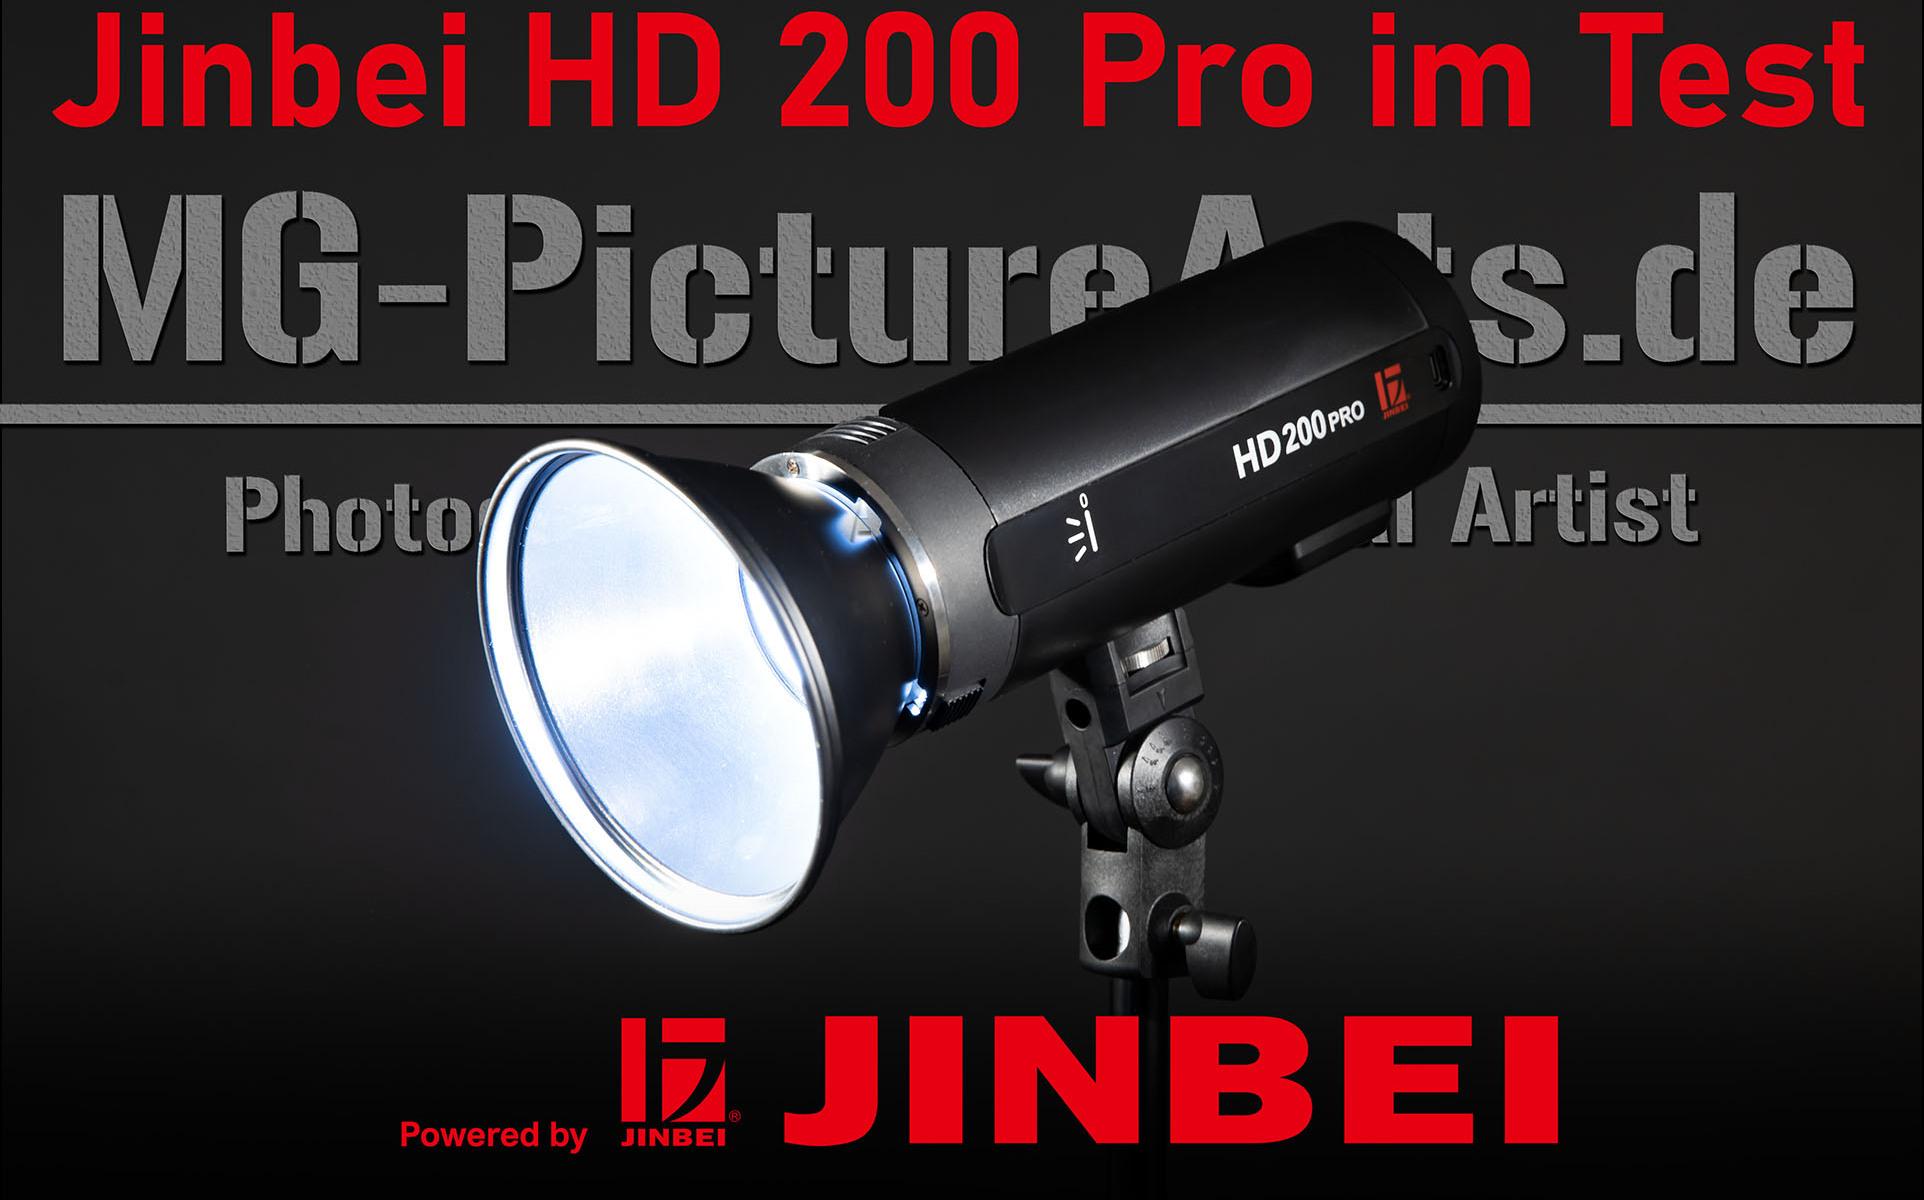 Jinbei HD 200 Pro Test